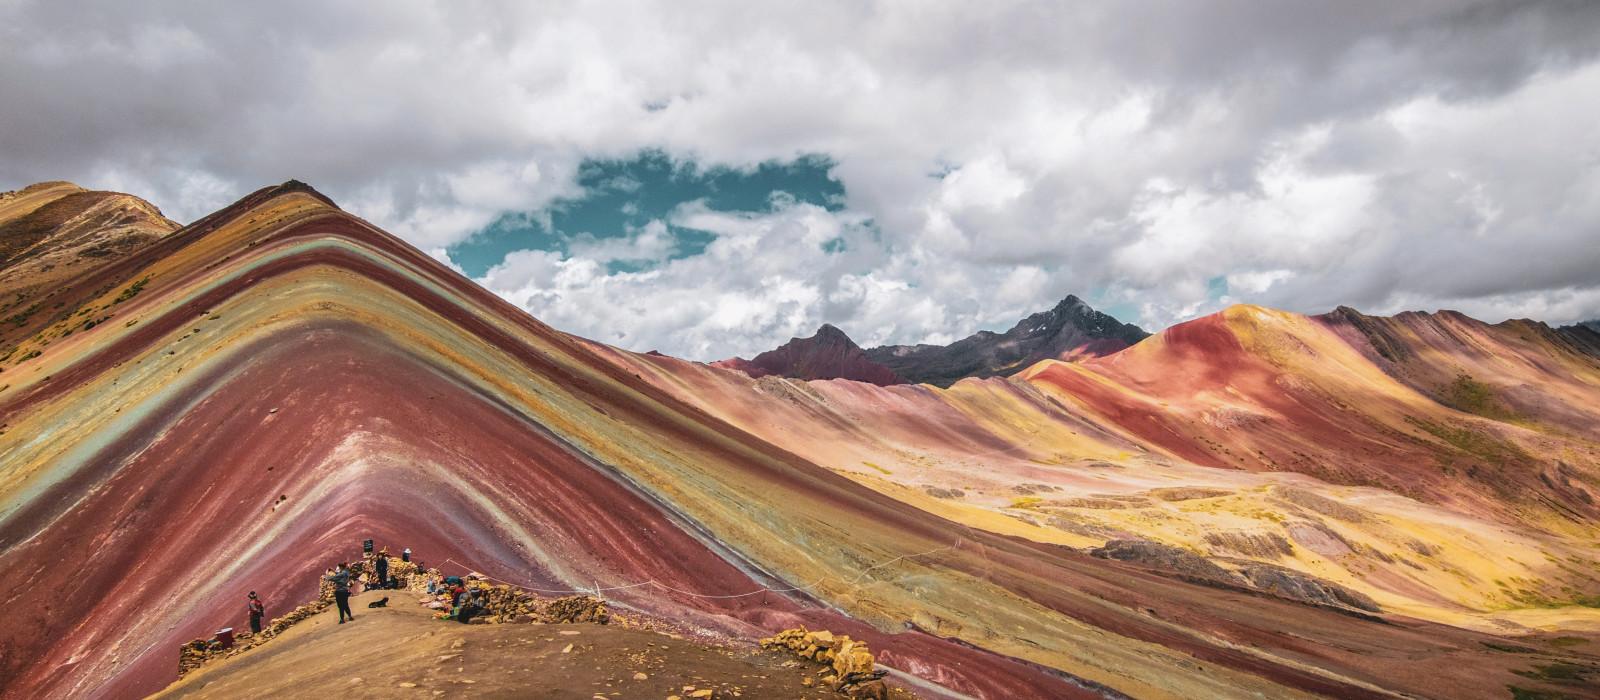 Hiking in Peru: Inca Trail and Cordillera Blanca Tour Trip 1